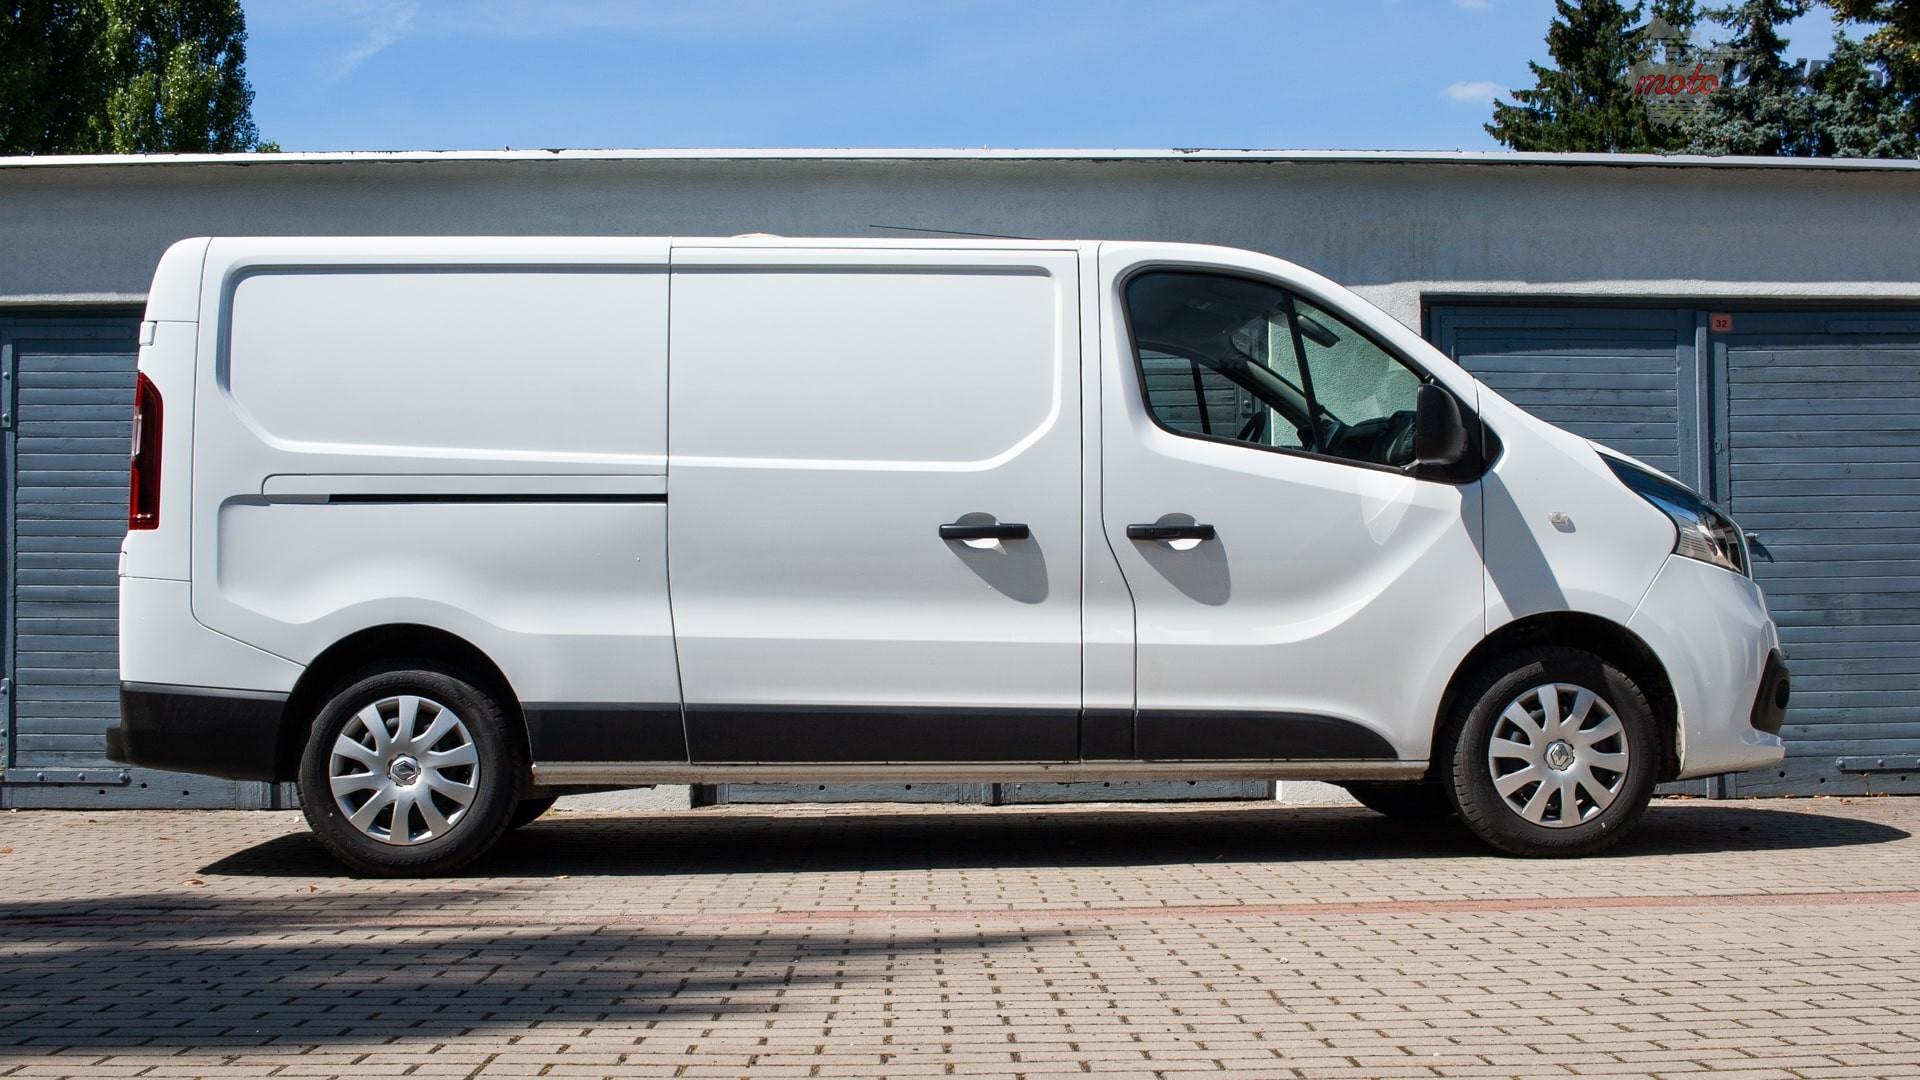 renault trafic 19 Test: Renault Trafic furgon z zabudową Renault Tech – mobilny serwis